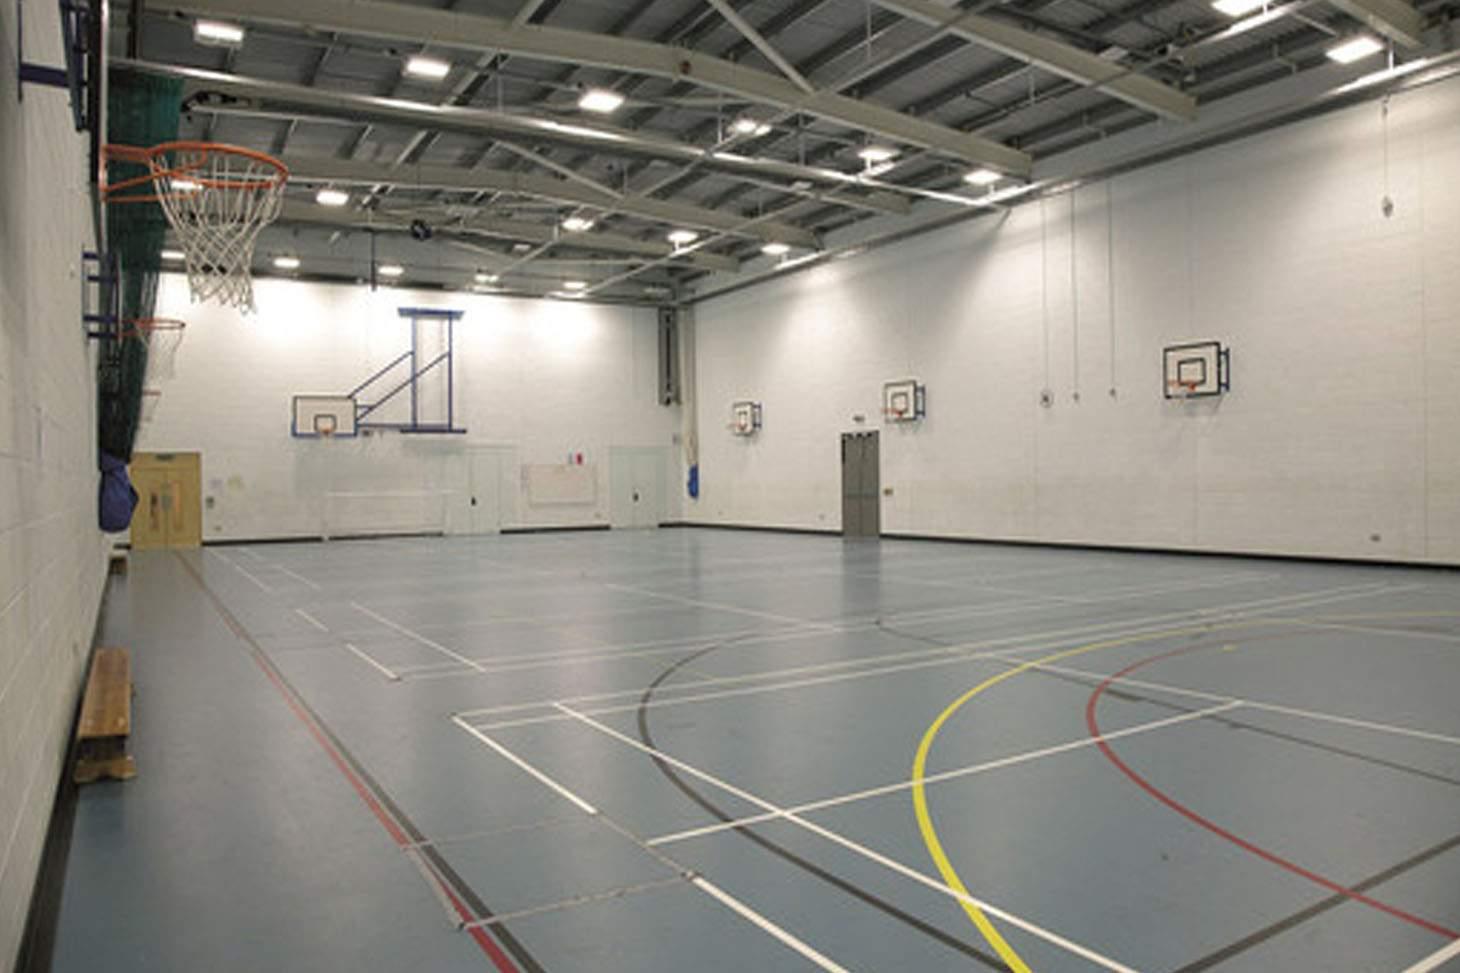 Sheffield Park Academy Nets | Sports hall cricket facilities